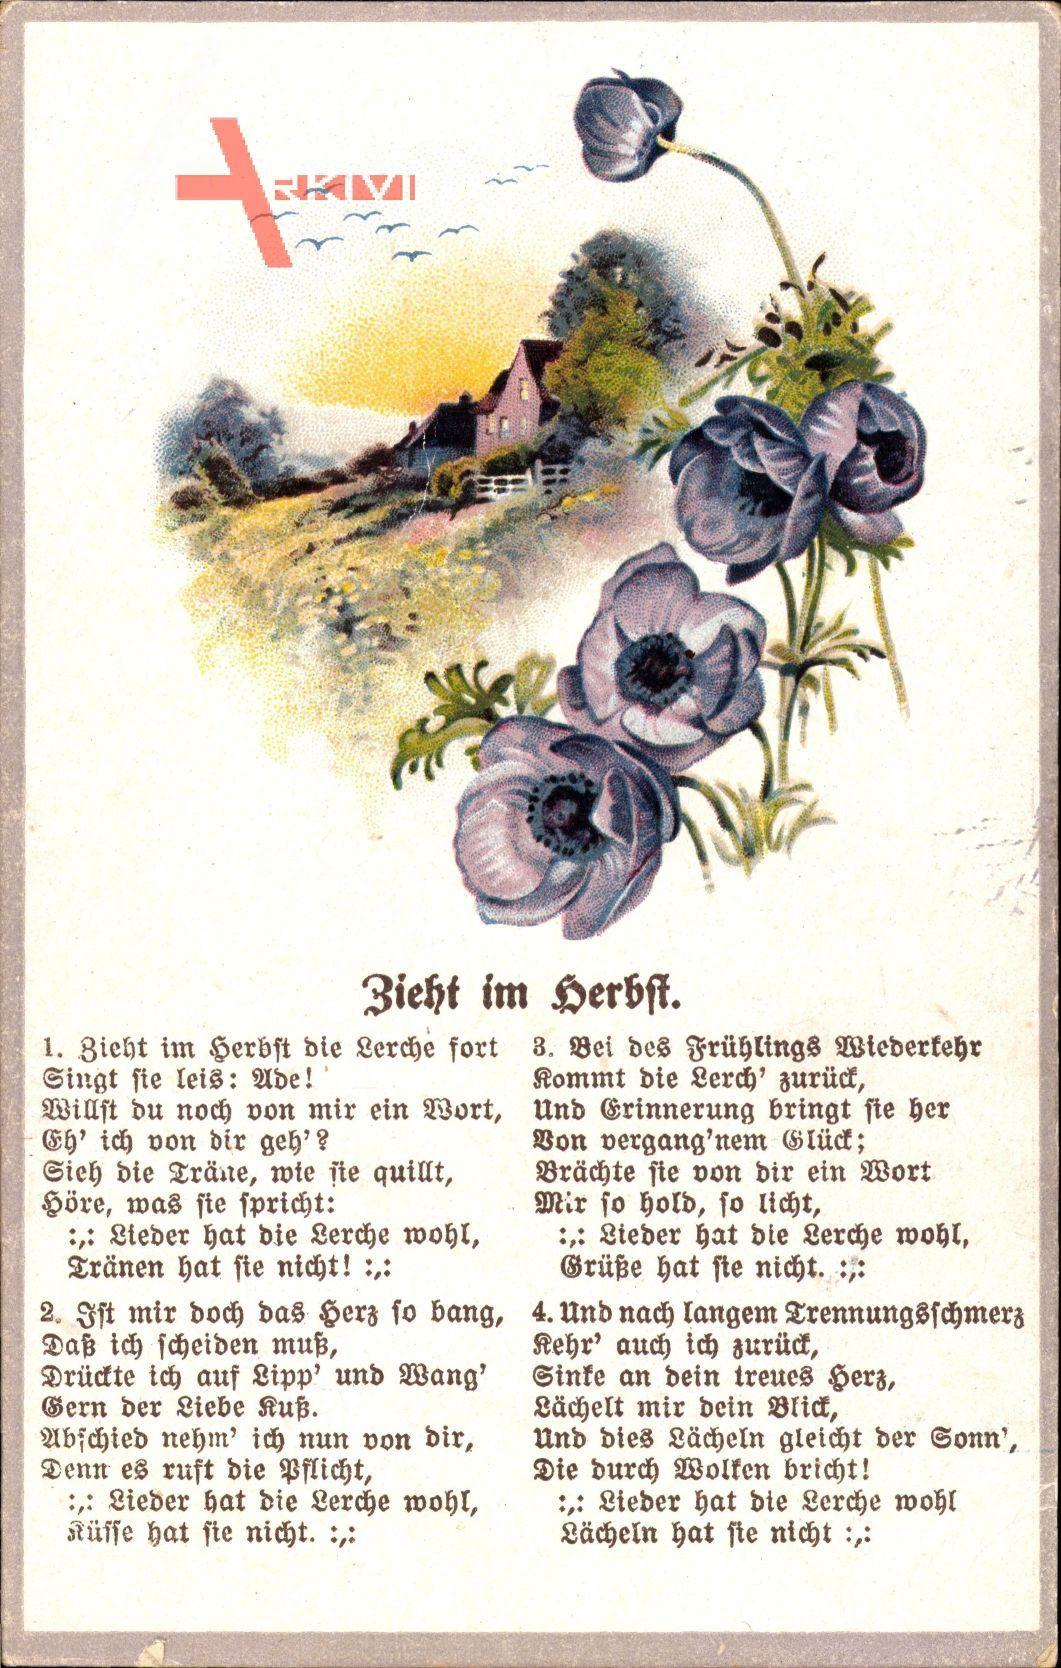 Gedicht Zieht im Herbst die Lerche fort, singt sie leis Ade